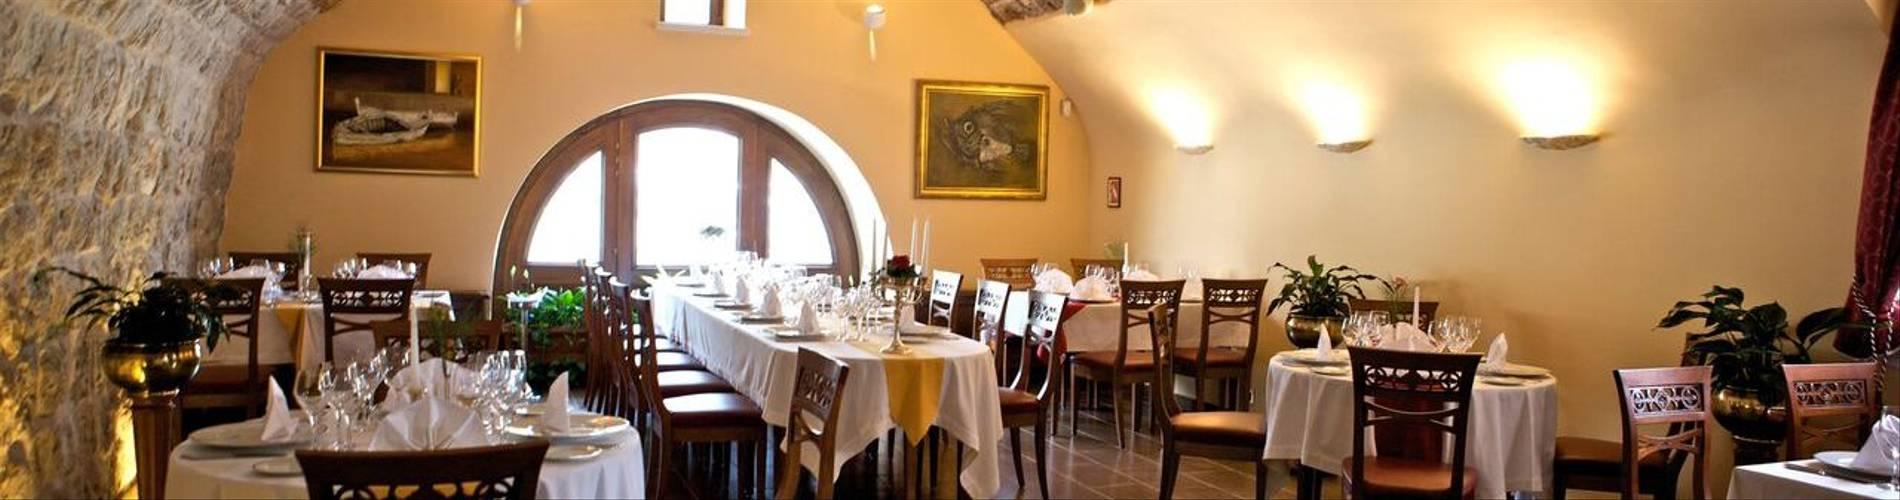 28 - Kazbek restaurant.jpg